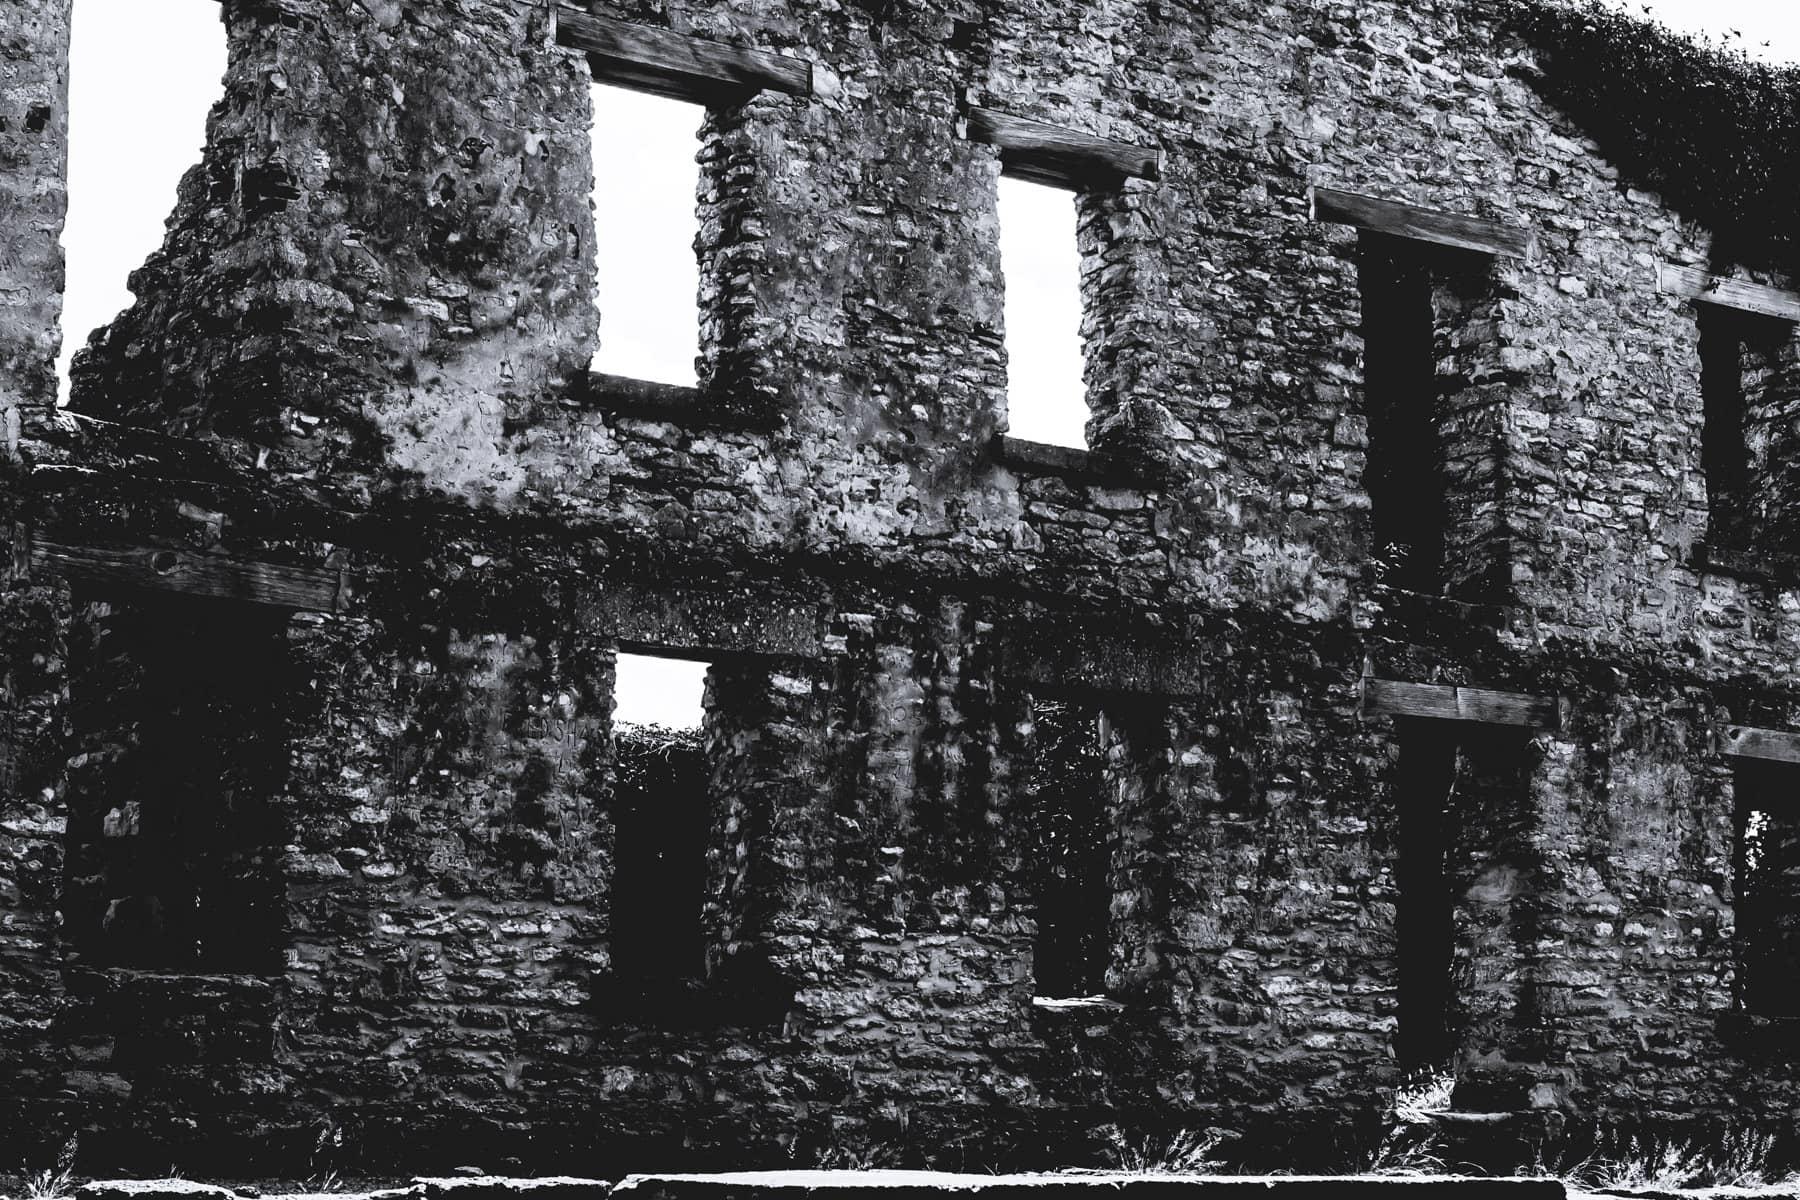 Crumbling ruins of Fort Washita, Oklahoma.